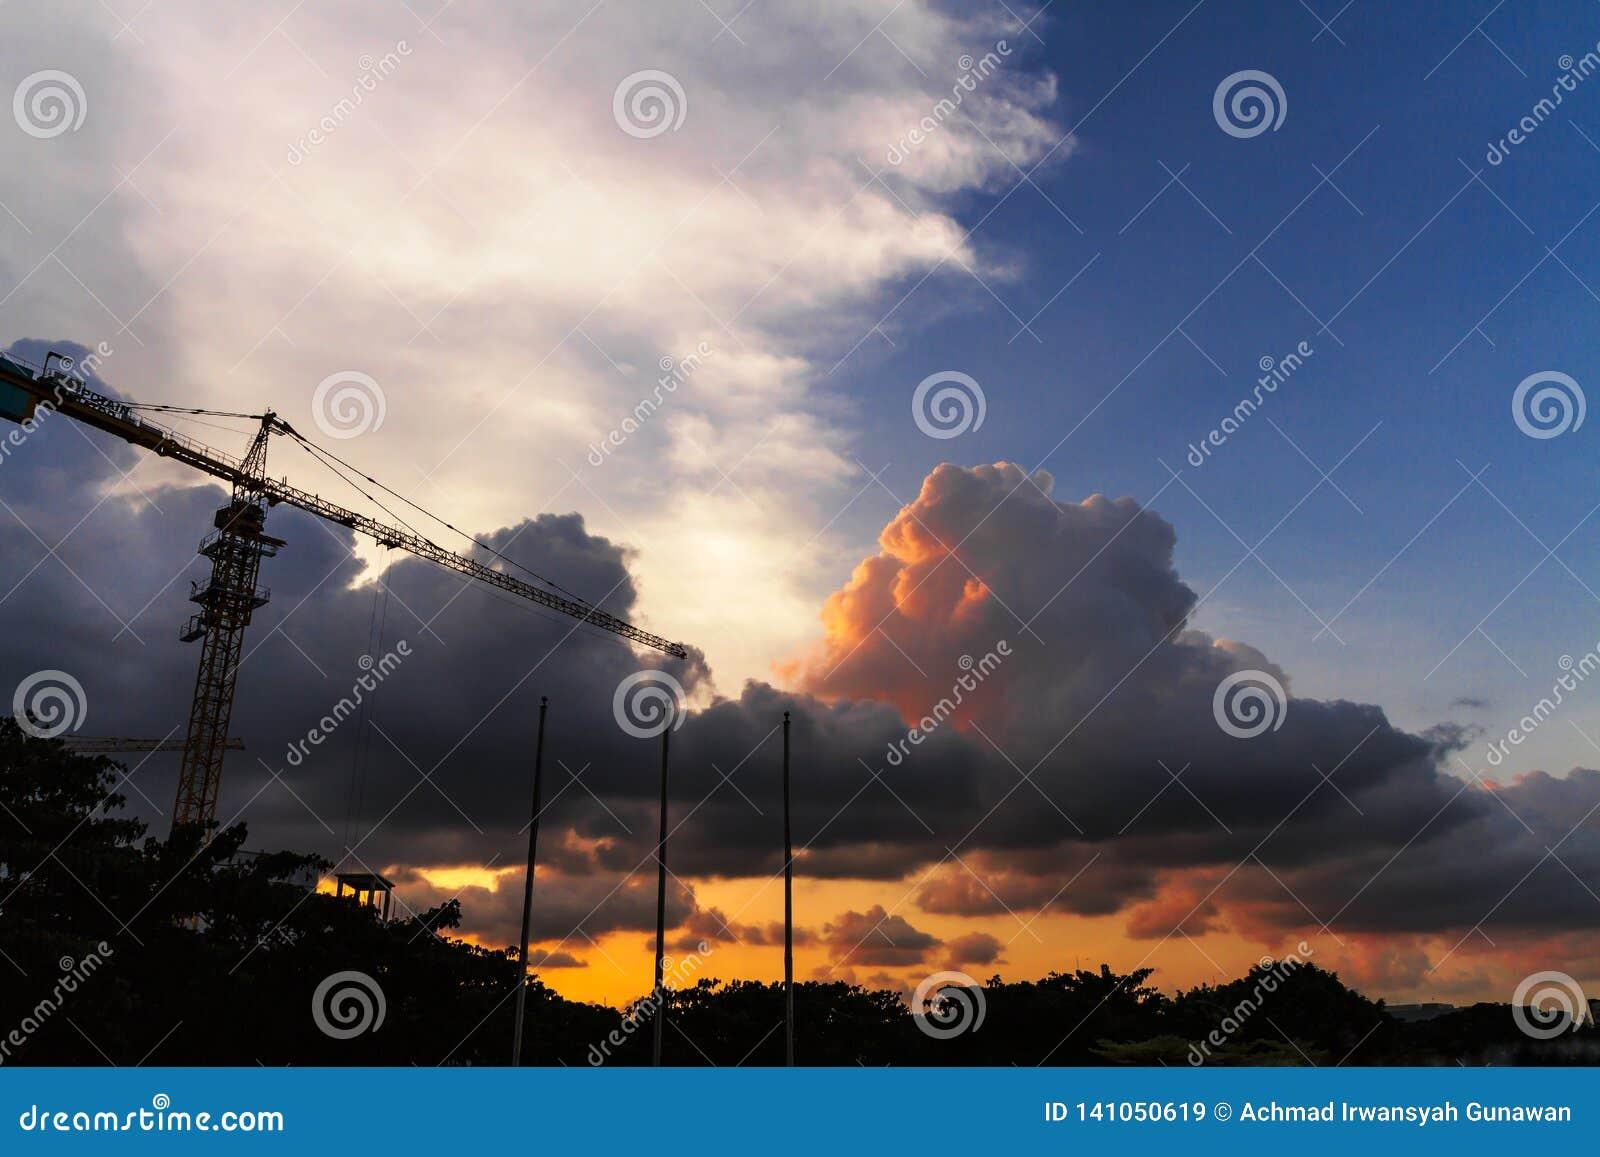 Sikt av molnig himmel på skymning med förgrundskonturn av konstruktionskranen och tre flaggstång